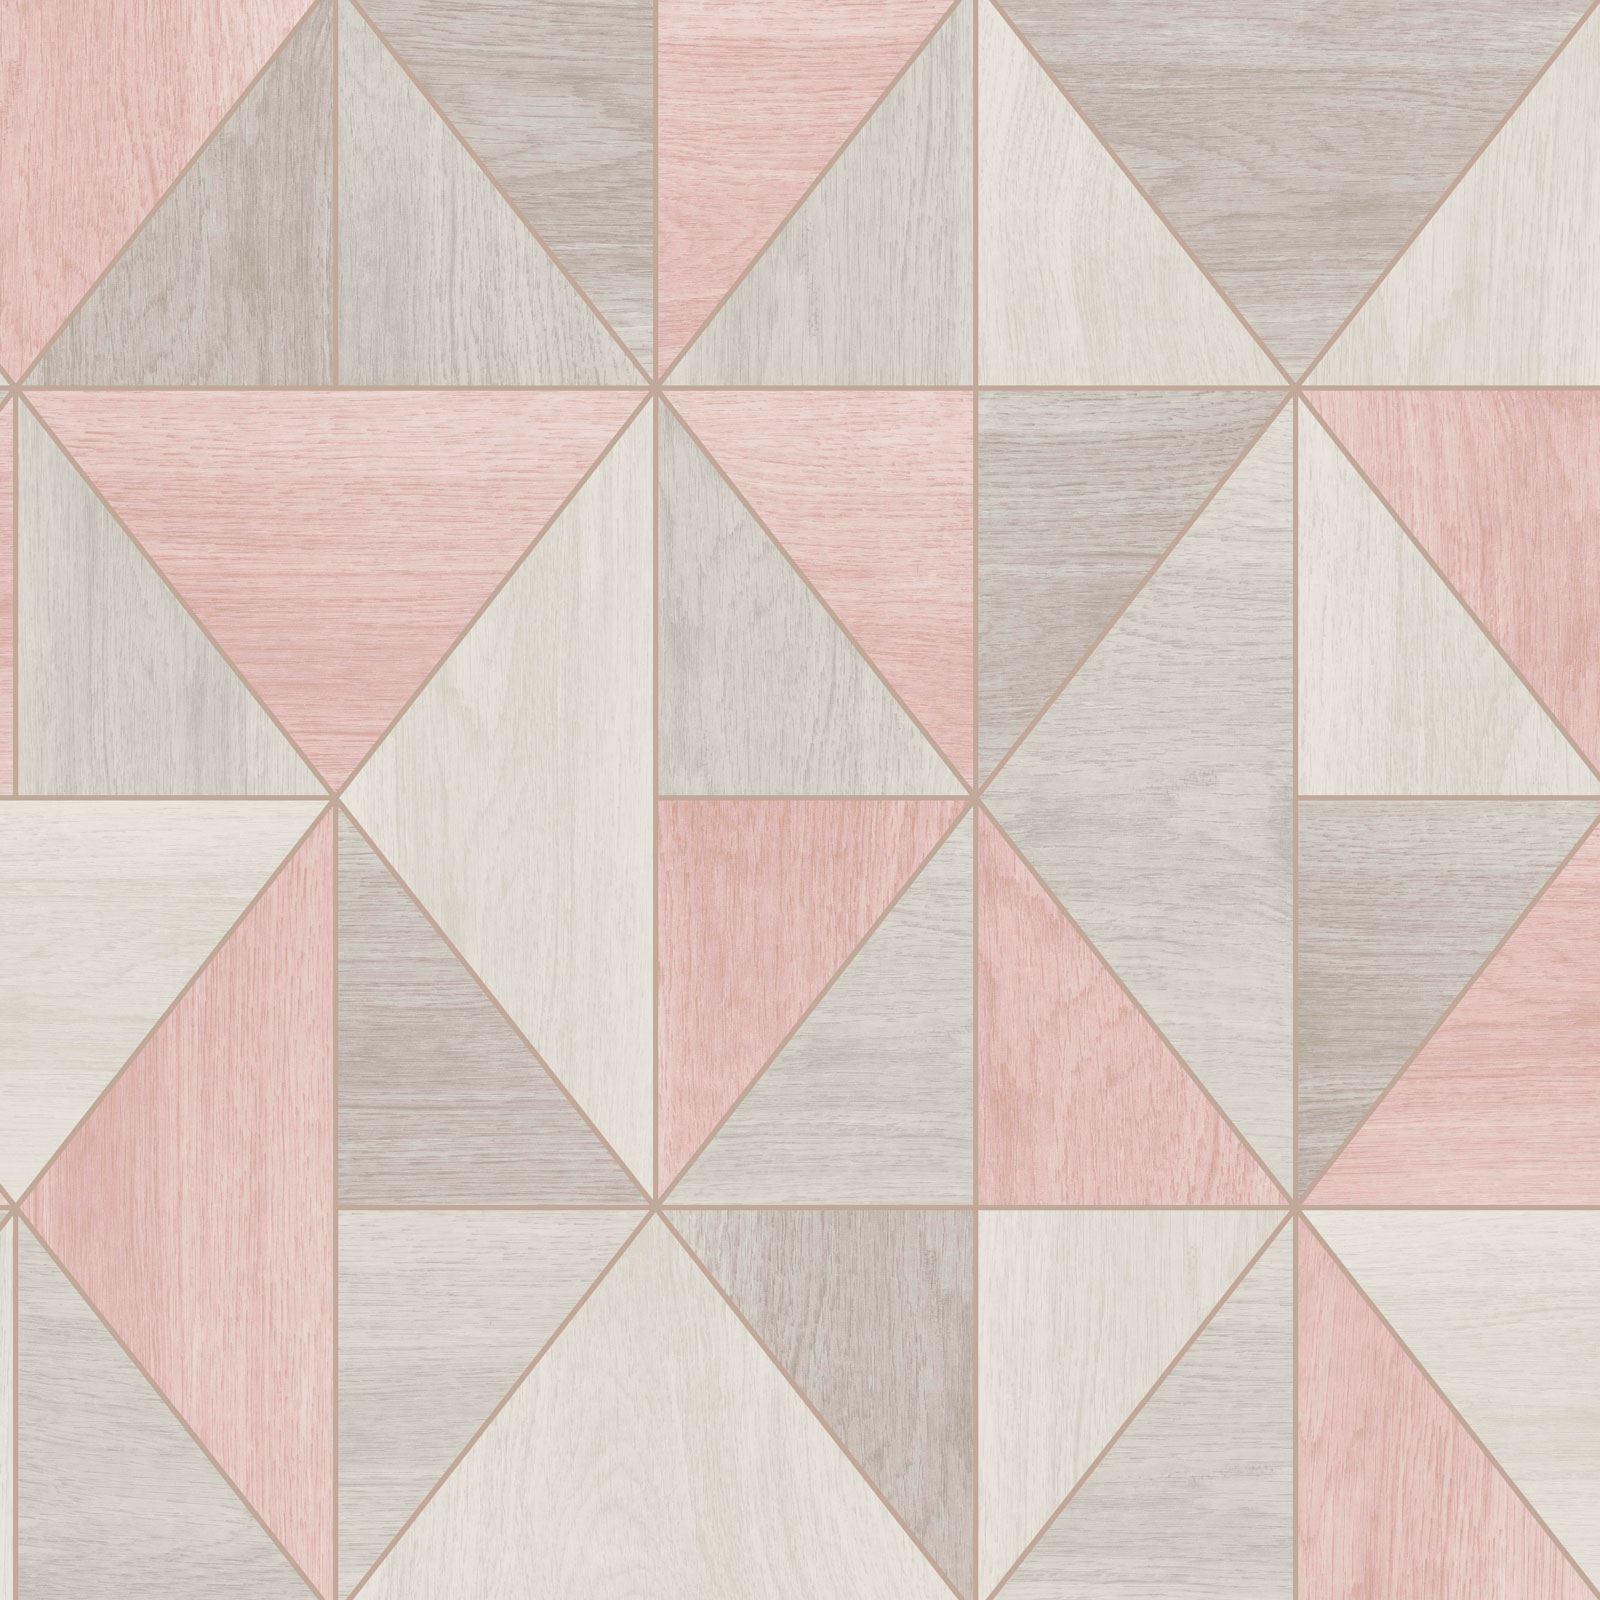 rotgold pink tapete metallisch weich texturiert streifen geometrisch damast ebay. Black Bedroom Furniture Sets. Home Design Ideas